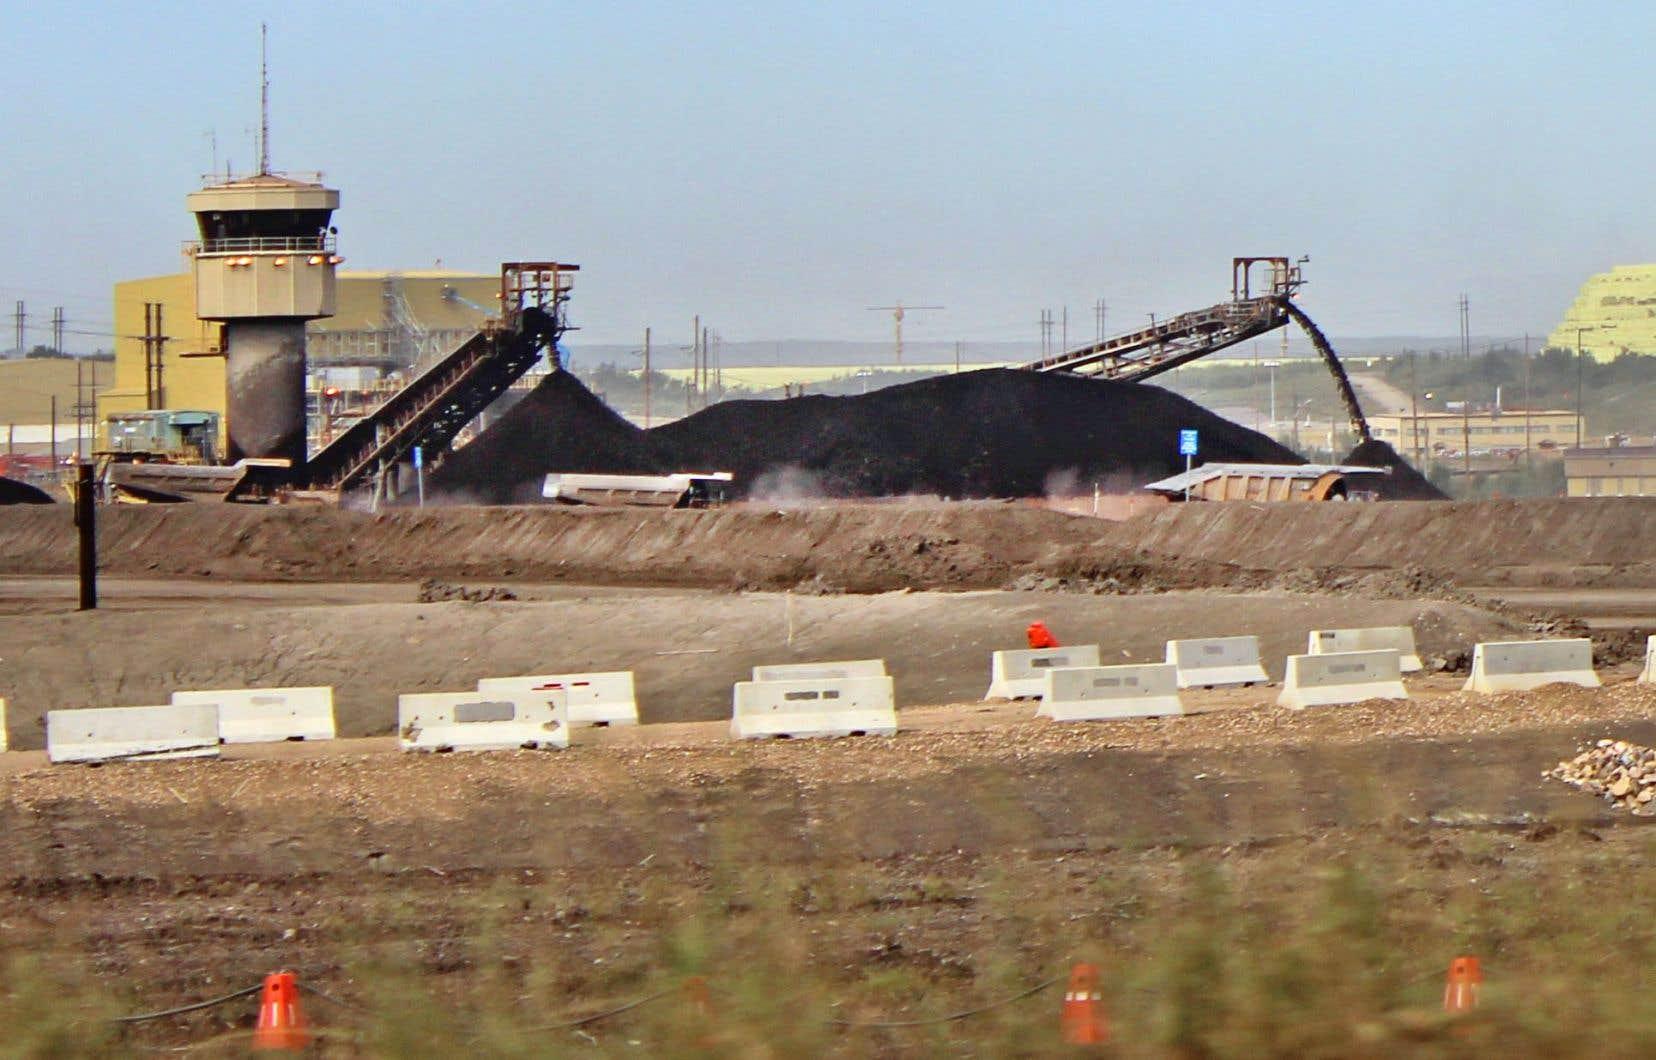 Selon Desjardins, la production albertaine a augmenté plus vite que prévu cette année, contribuant ainsi au problème, alors que certaines raffineries américaines ne peuvent pas accepter davantage de pétrole en raison de leurs travaux d'entretien.